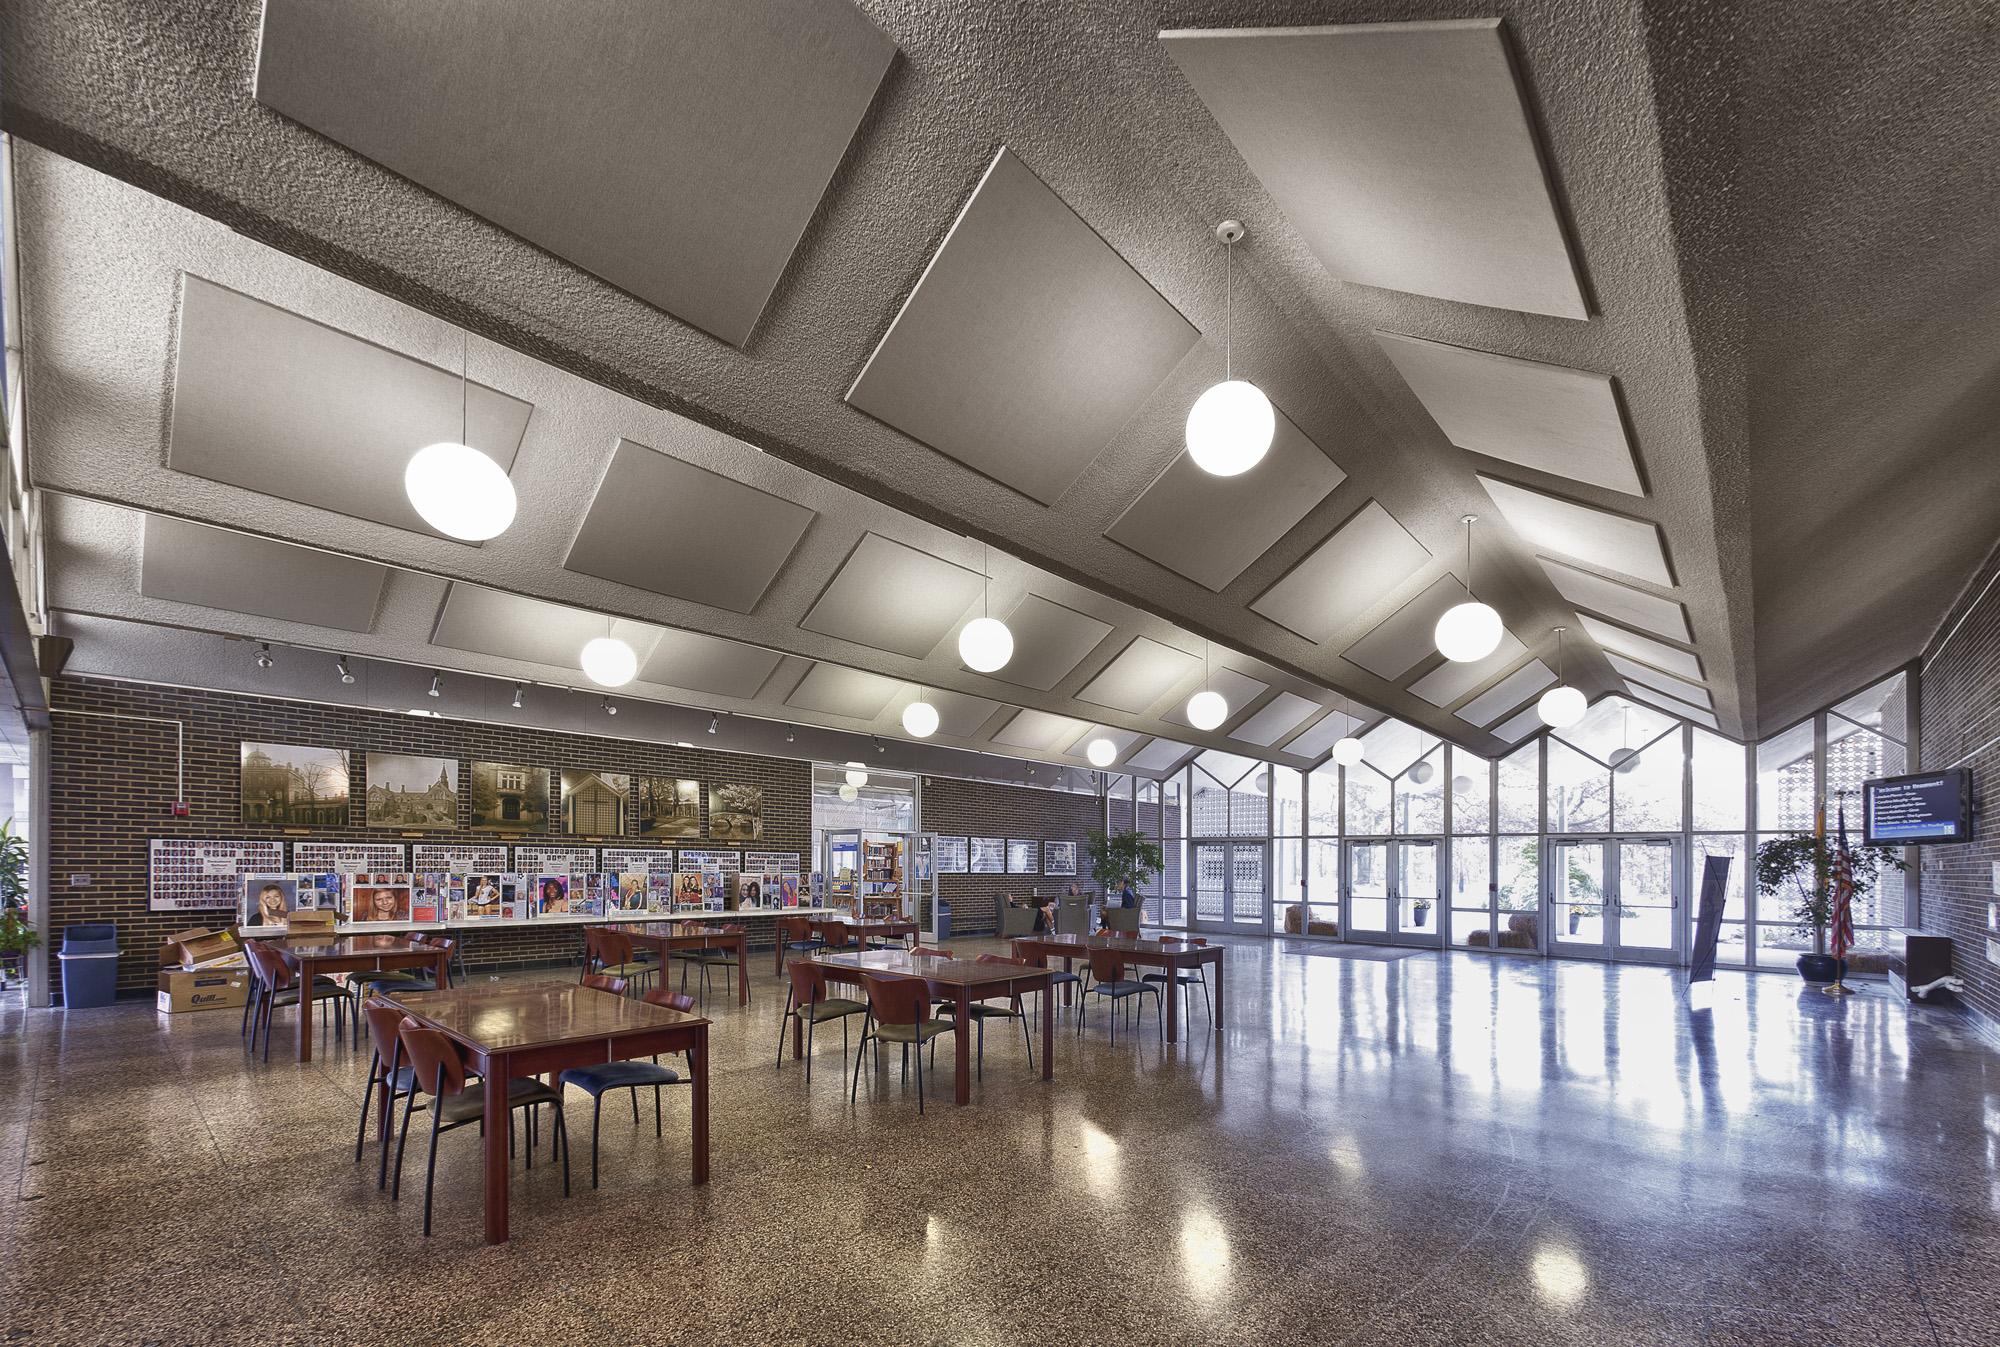 APS 3 lobby ceiling.jpg